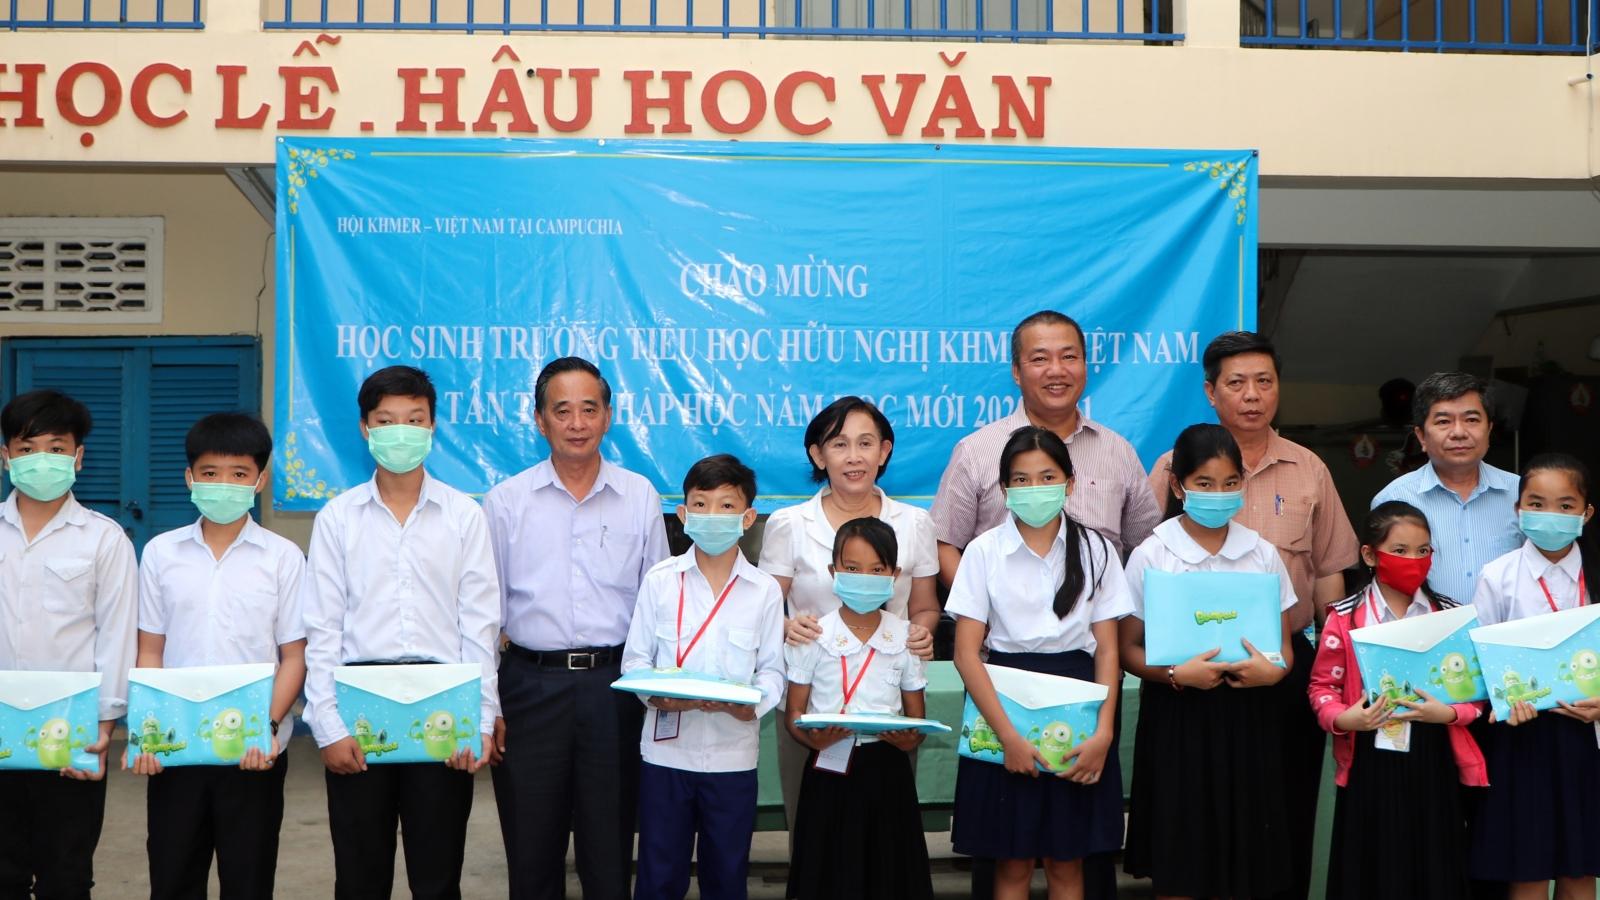 Học sinh gốc Việt tại Campuchia bước vào năm học mới